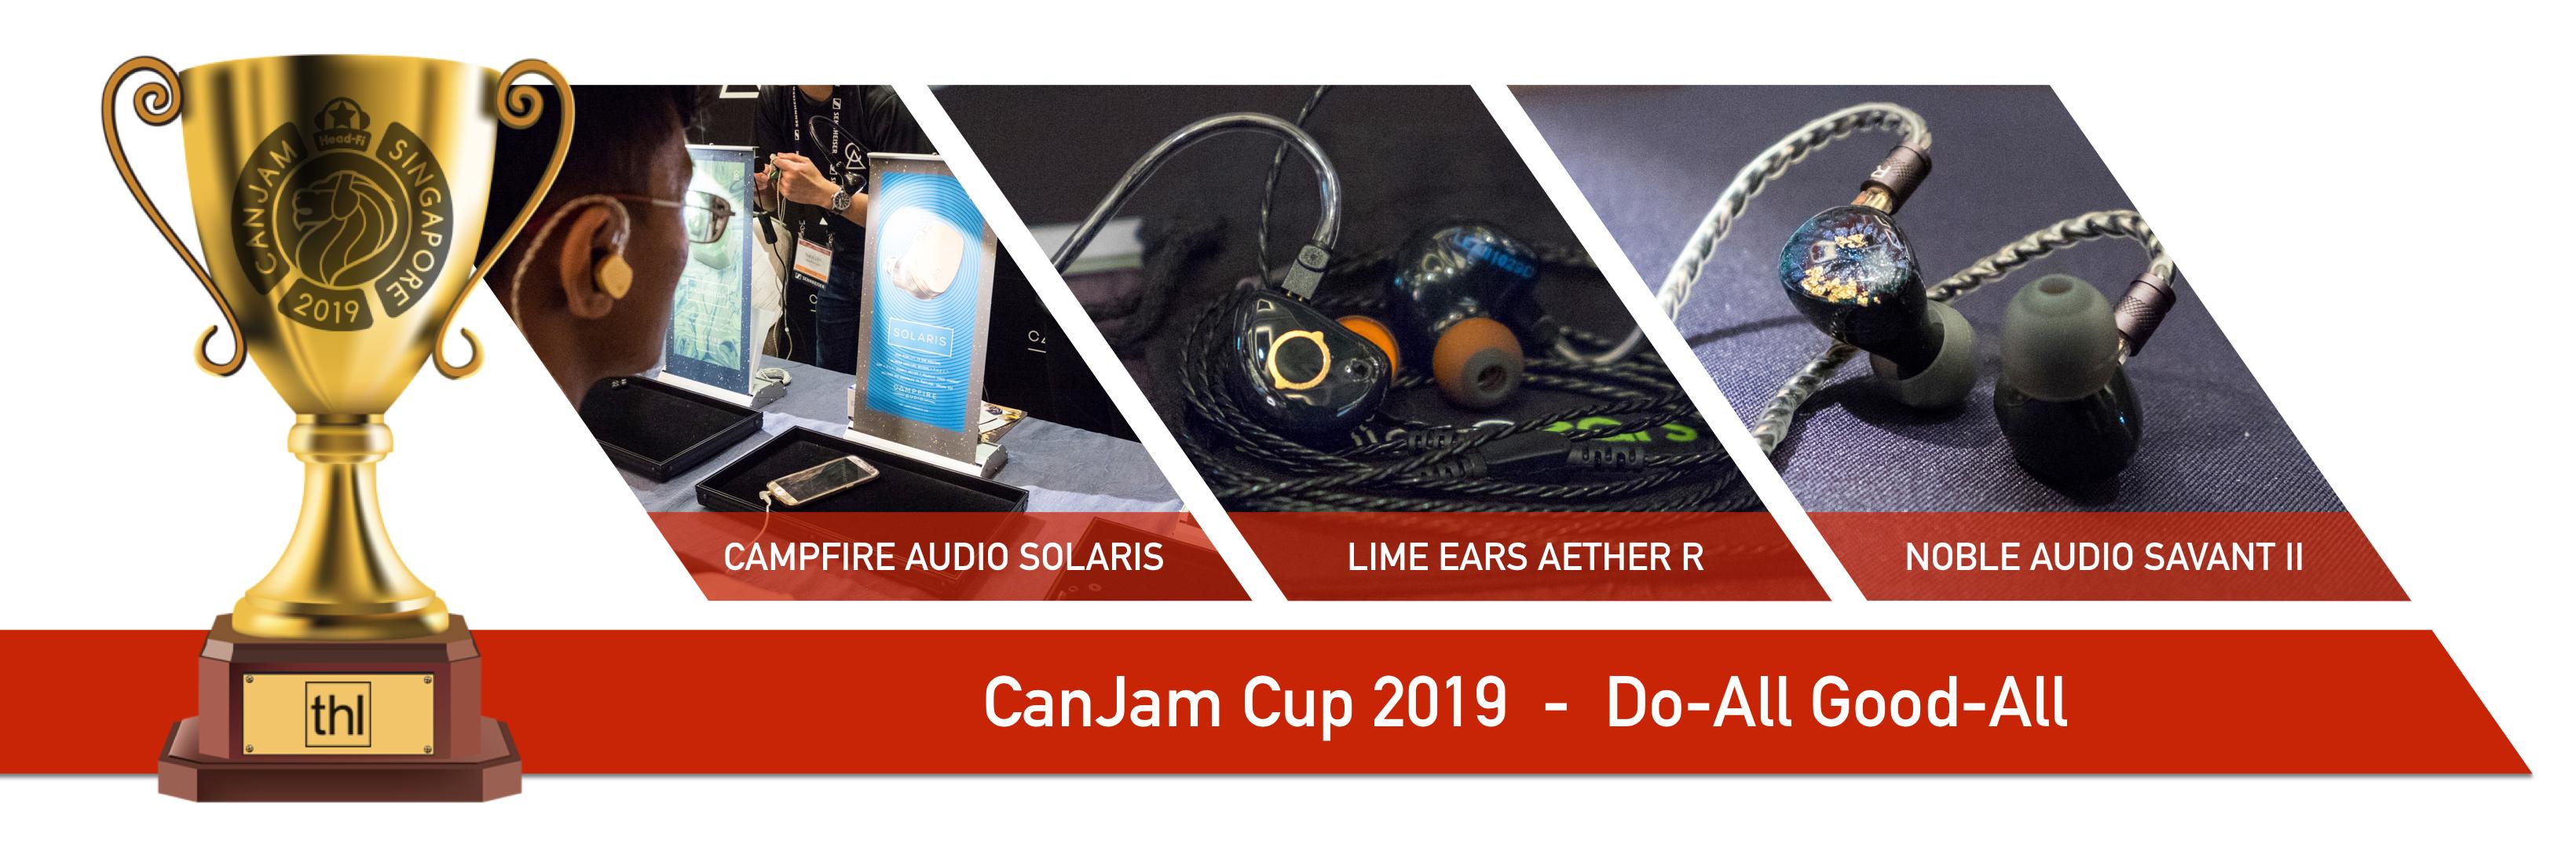 CanJam Cup 2019.002.jpeg